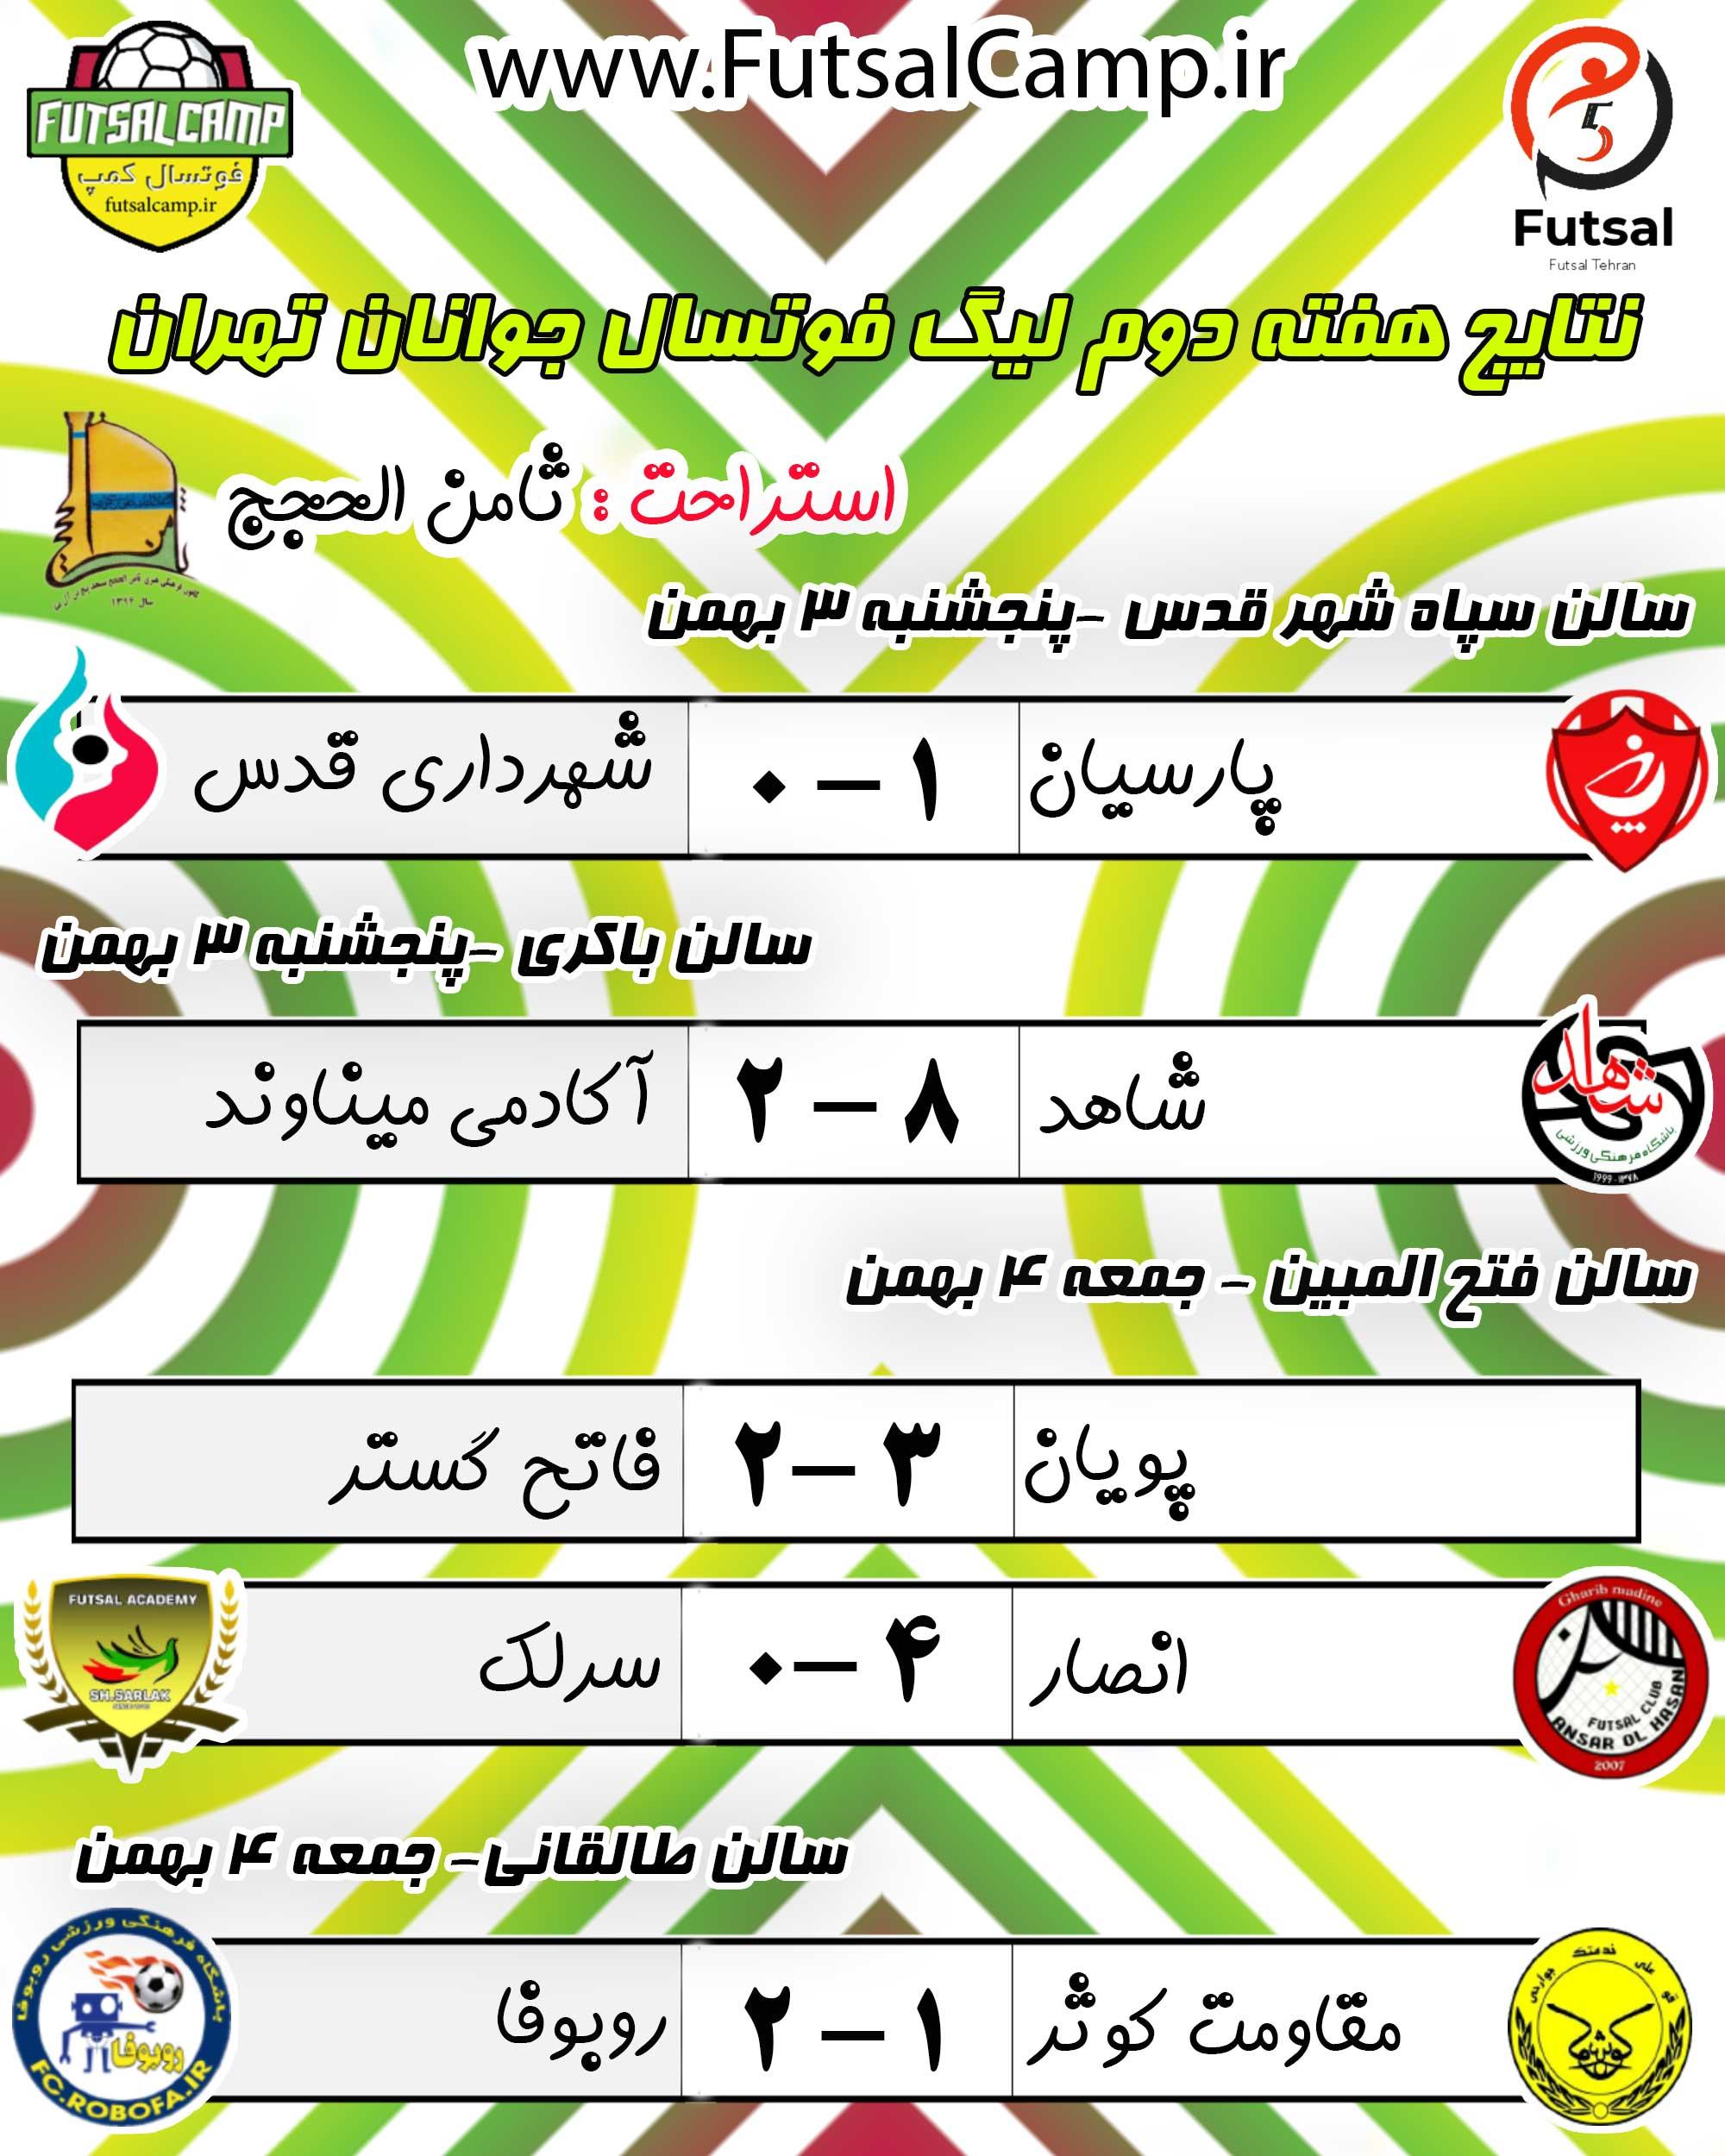 نتایج بازی های هفته دوم لیگ فوتسال جوانان تهران